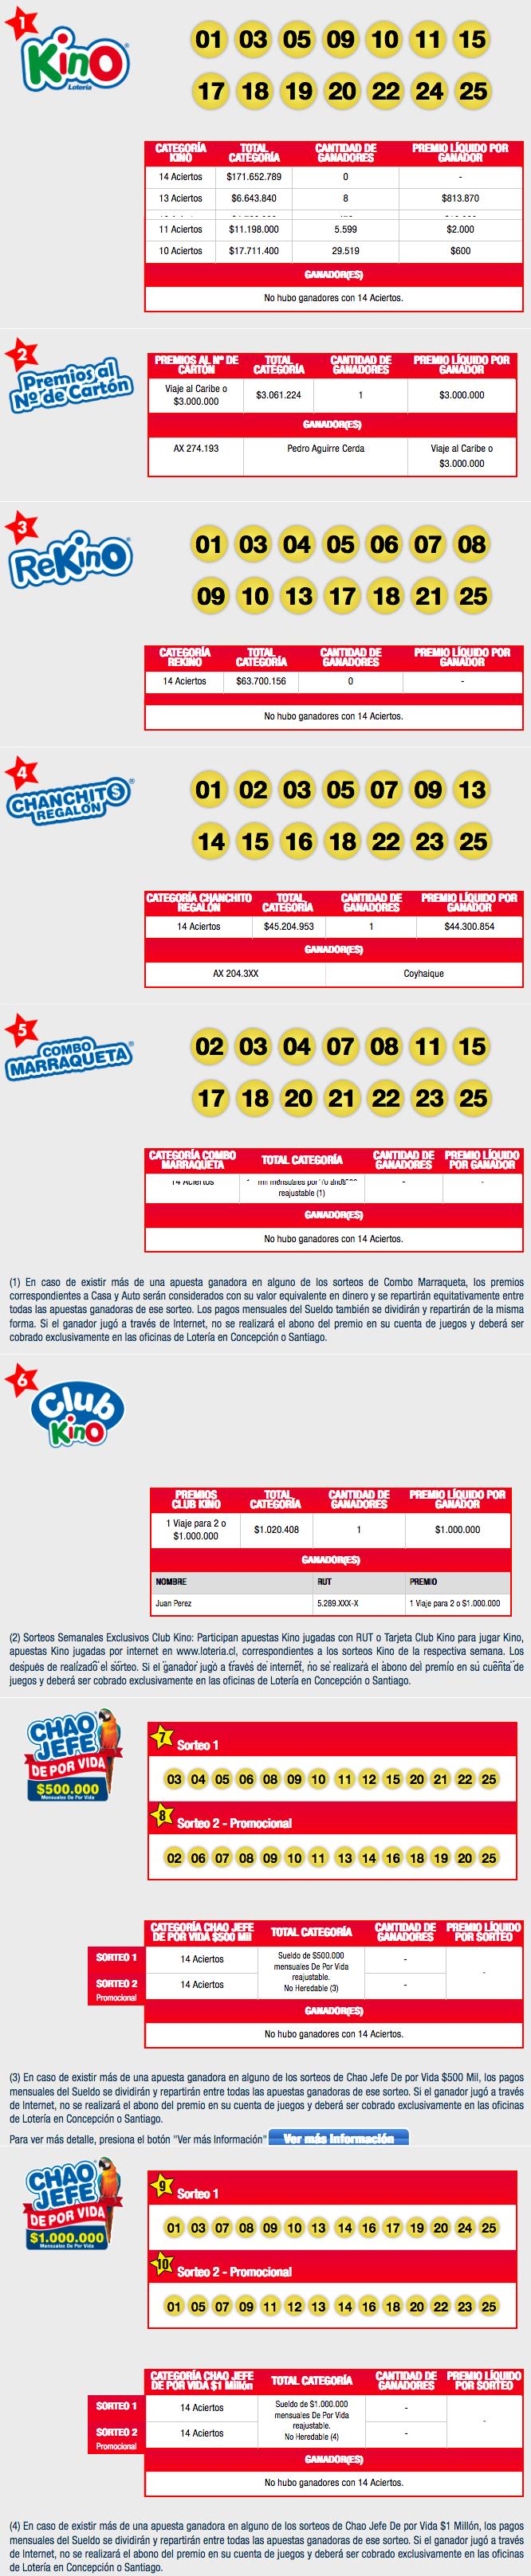 Resultados Kino Chile Sorteo 2125